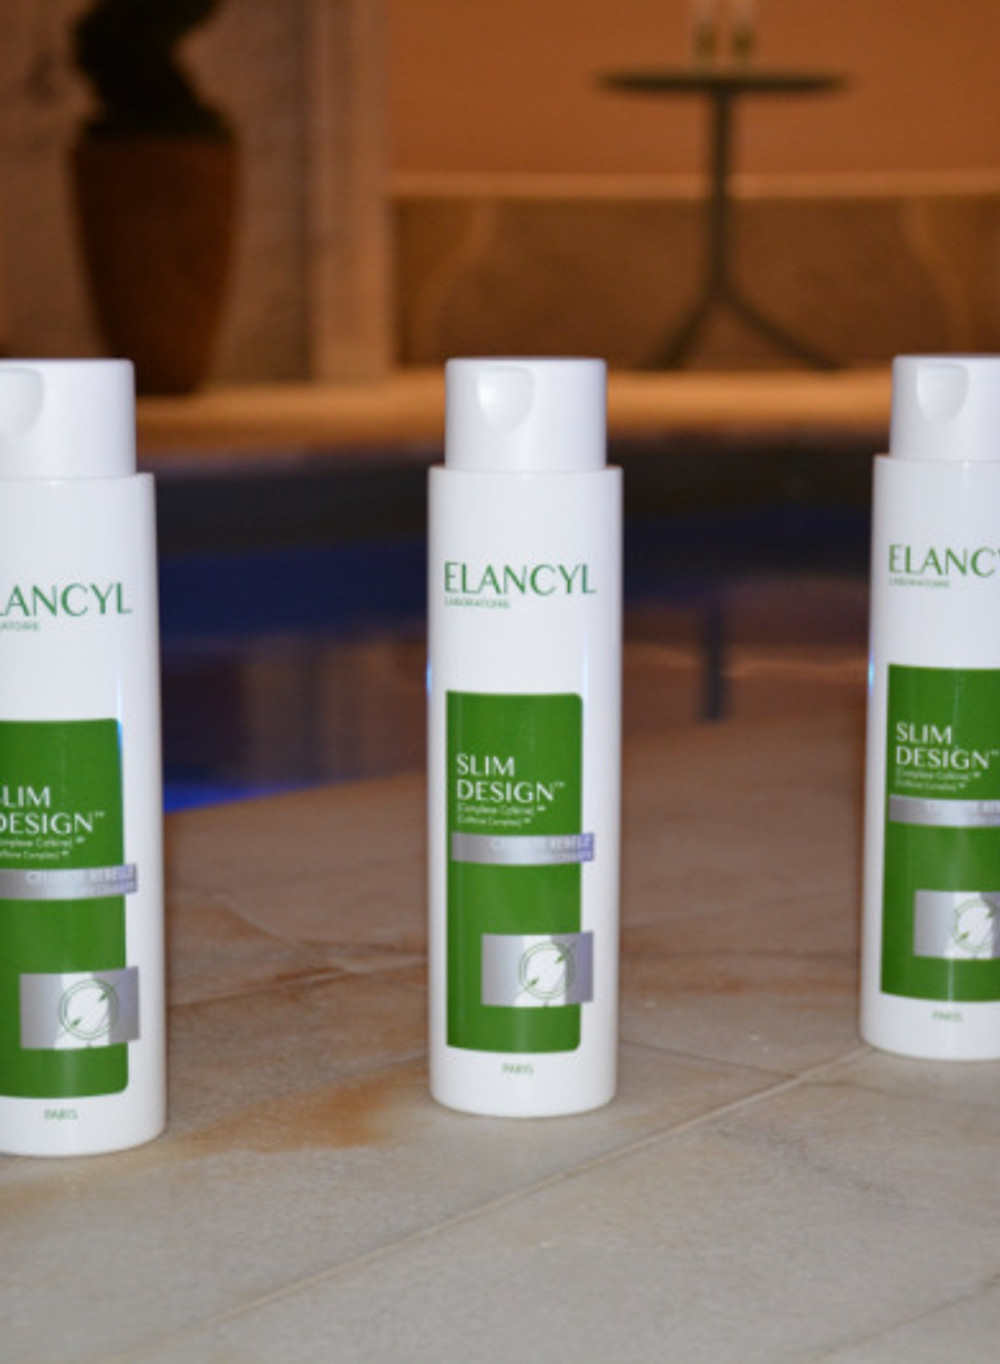 SLIM DESIGN 28€ les 200ml Texture astucieuse : pigments réflecteurs pour un lissage optique immédiat de la peau dès 1ère application. 28 jours d'application